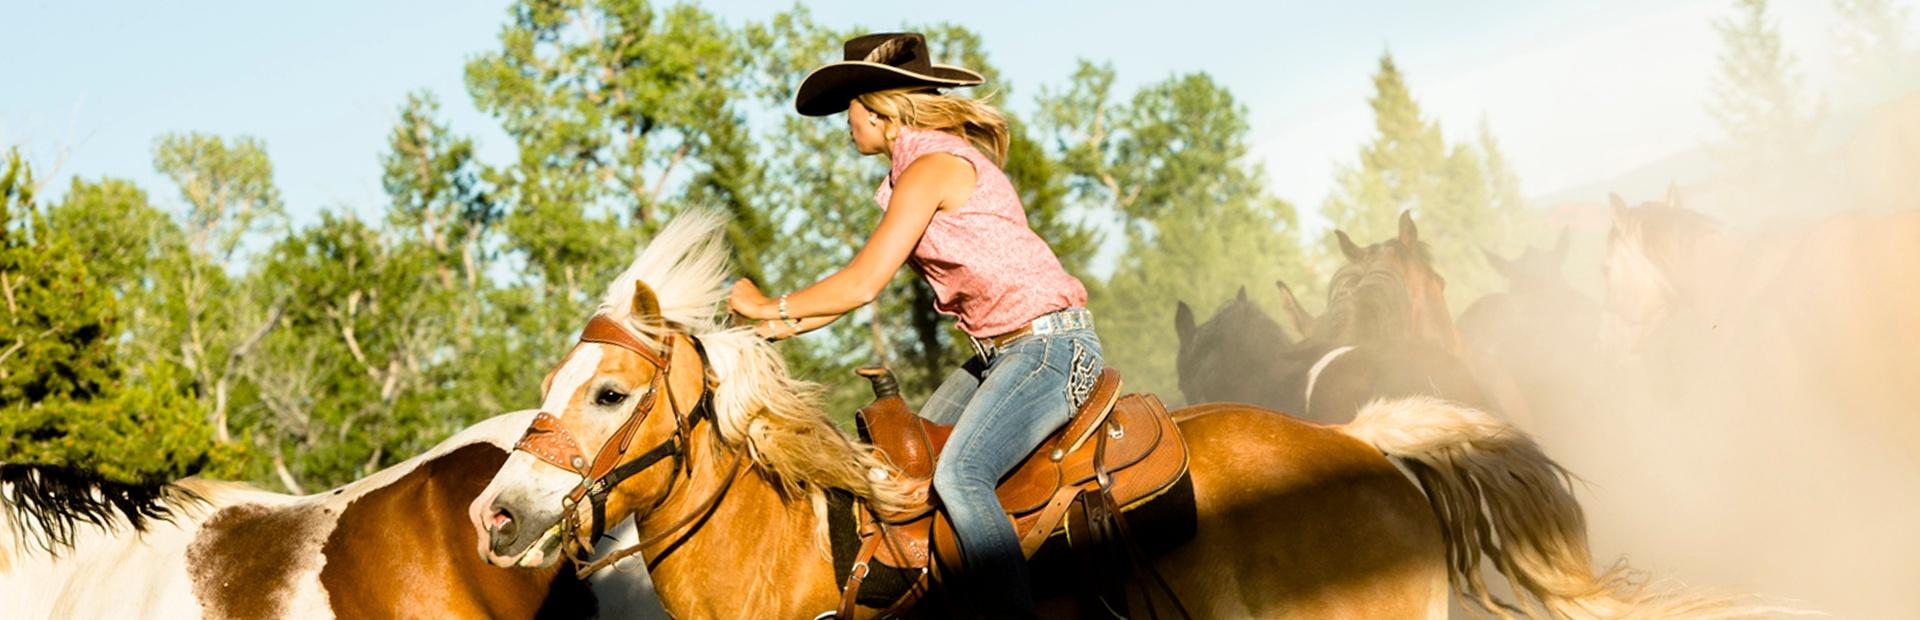 Slider Horseback Riding for Fitness.jpg